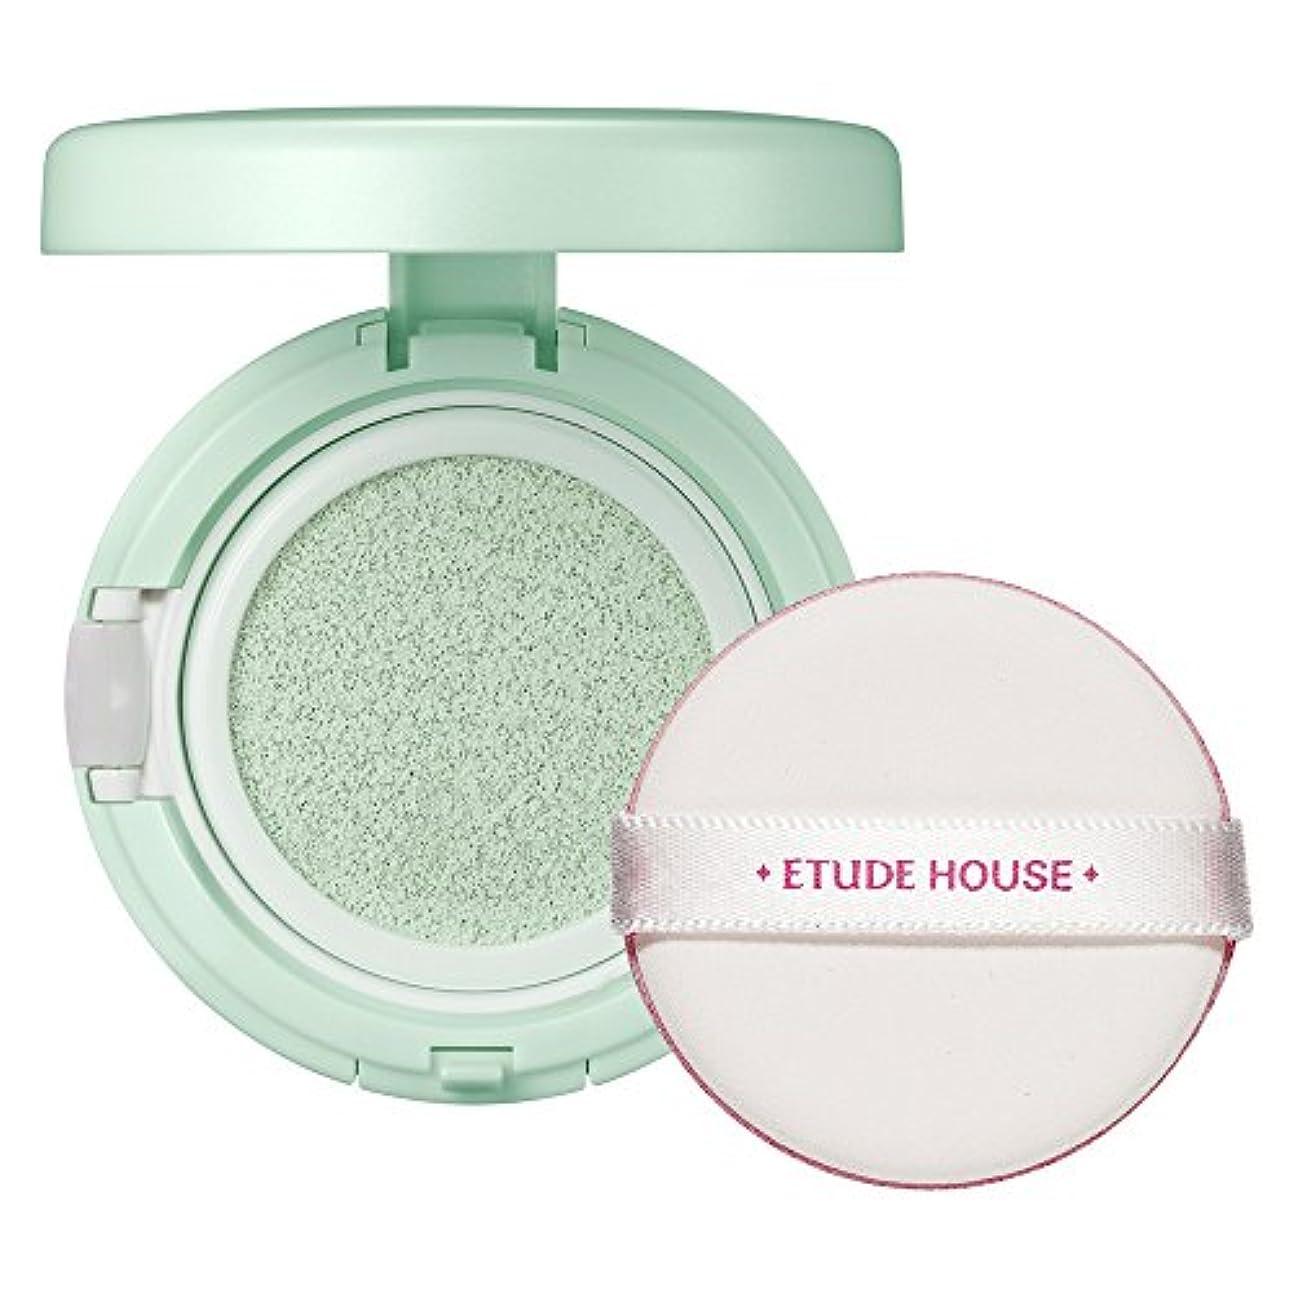 決めます見る余暇エチュードハウス(ETUDE HOUSE) プレシャスミネラル マジカル エニークッション #Mint